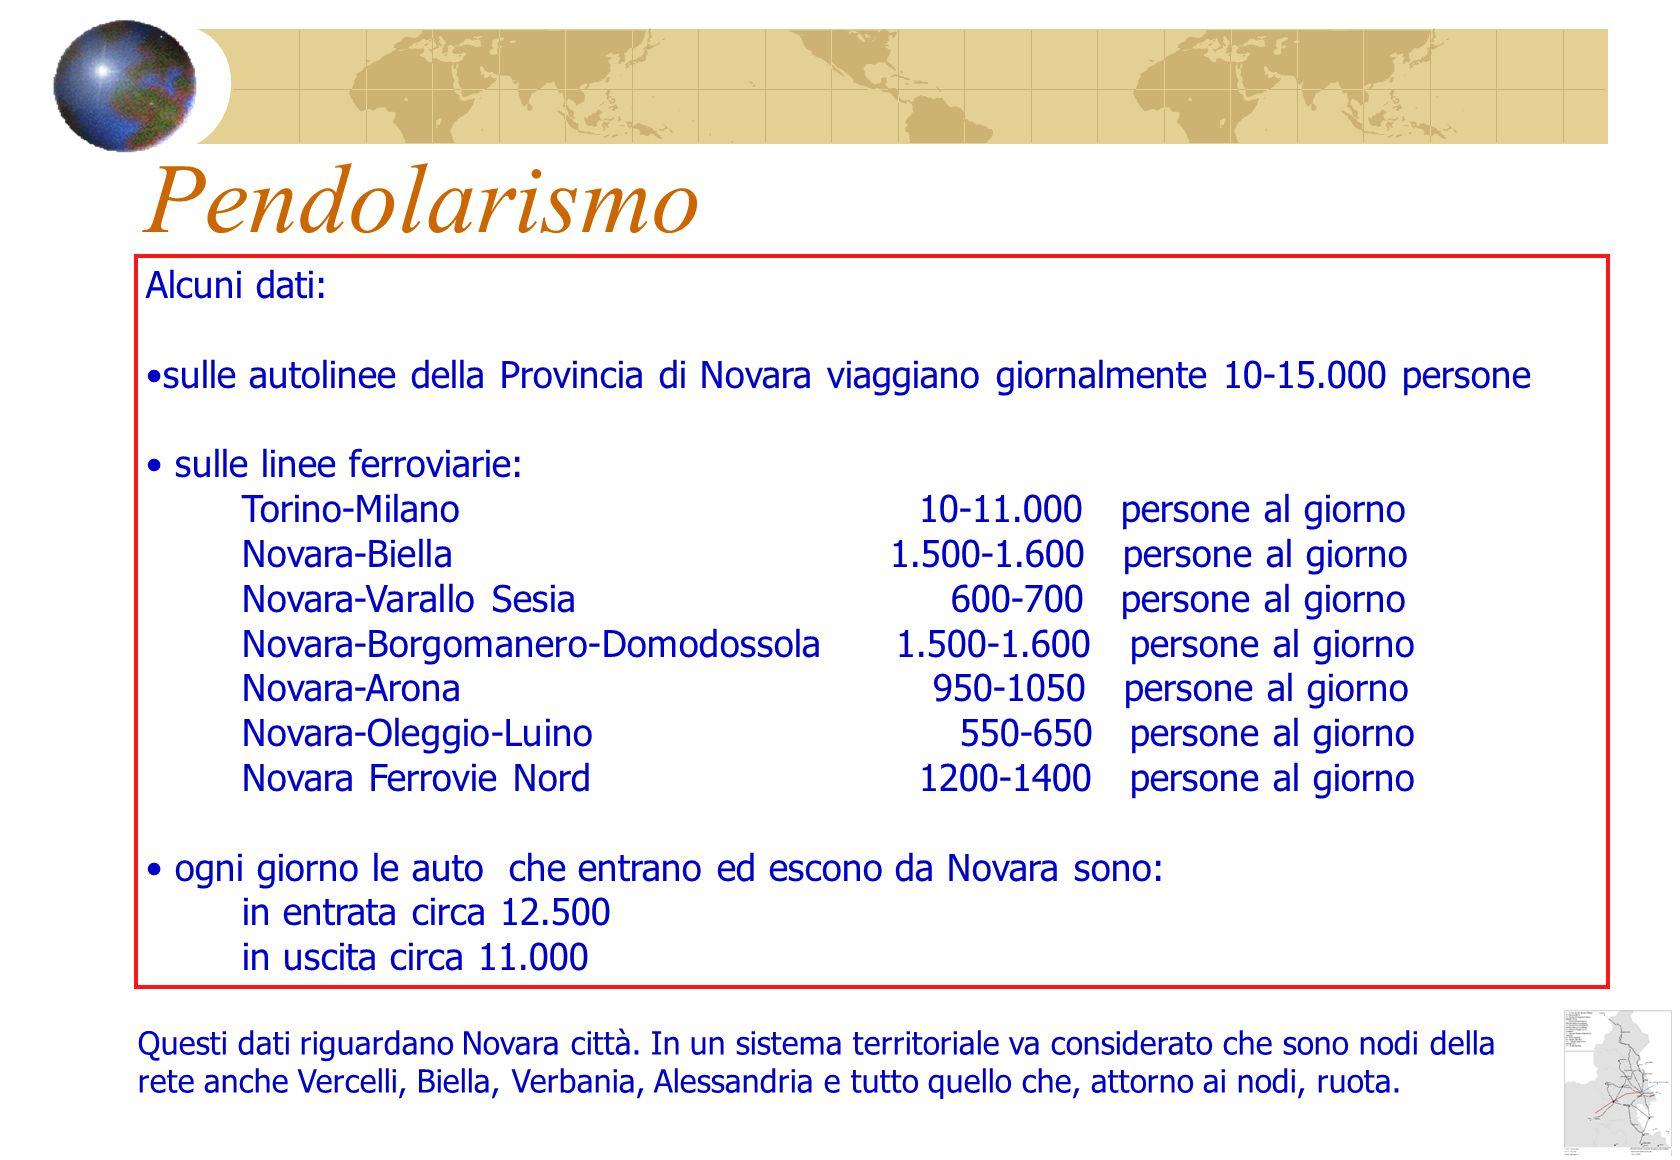 Pendolarismo Alcuni dati: sulle autolinee della Provincia di Novara viaggiano giornalmente 10-15.000 persone sulle linee ferroviarie: Torino-Milano 10-11.000 persone al giorno Novara-Biella 1.500-1.600 persone al giorno Novara-Varallo Sesia 600-700 persone al giorno Novara-Borgomanero-Domodossola 1.500-1.600 persone al giorno Novara-Arona 950-1050 persone al giorno Novara-Oleggio-Luino 550-650 persone al giorno Novara Ferrovie Nord 1200-1400 persone al giorno ogni giorno le auto che entrano ed escono da Novara sono: in entrata circa 12.500 in uscita circa 11.000 Questi dati riguardano Novara città.